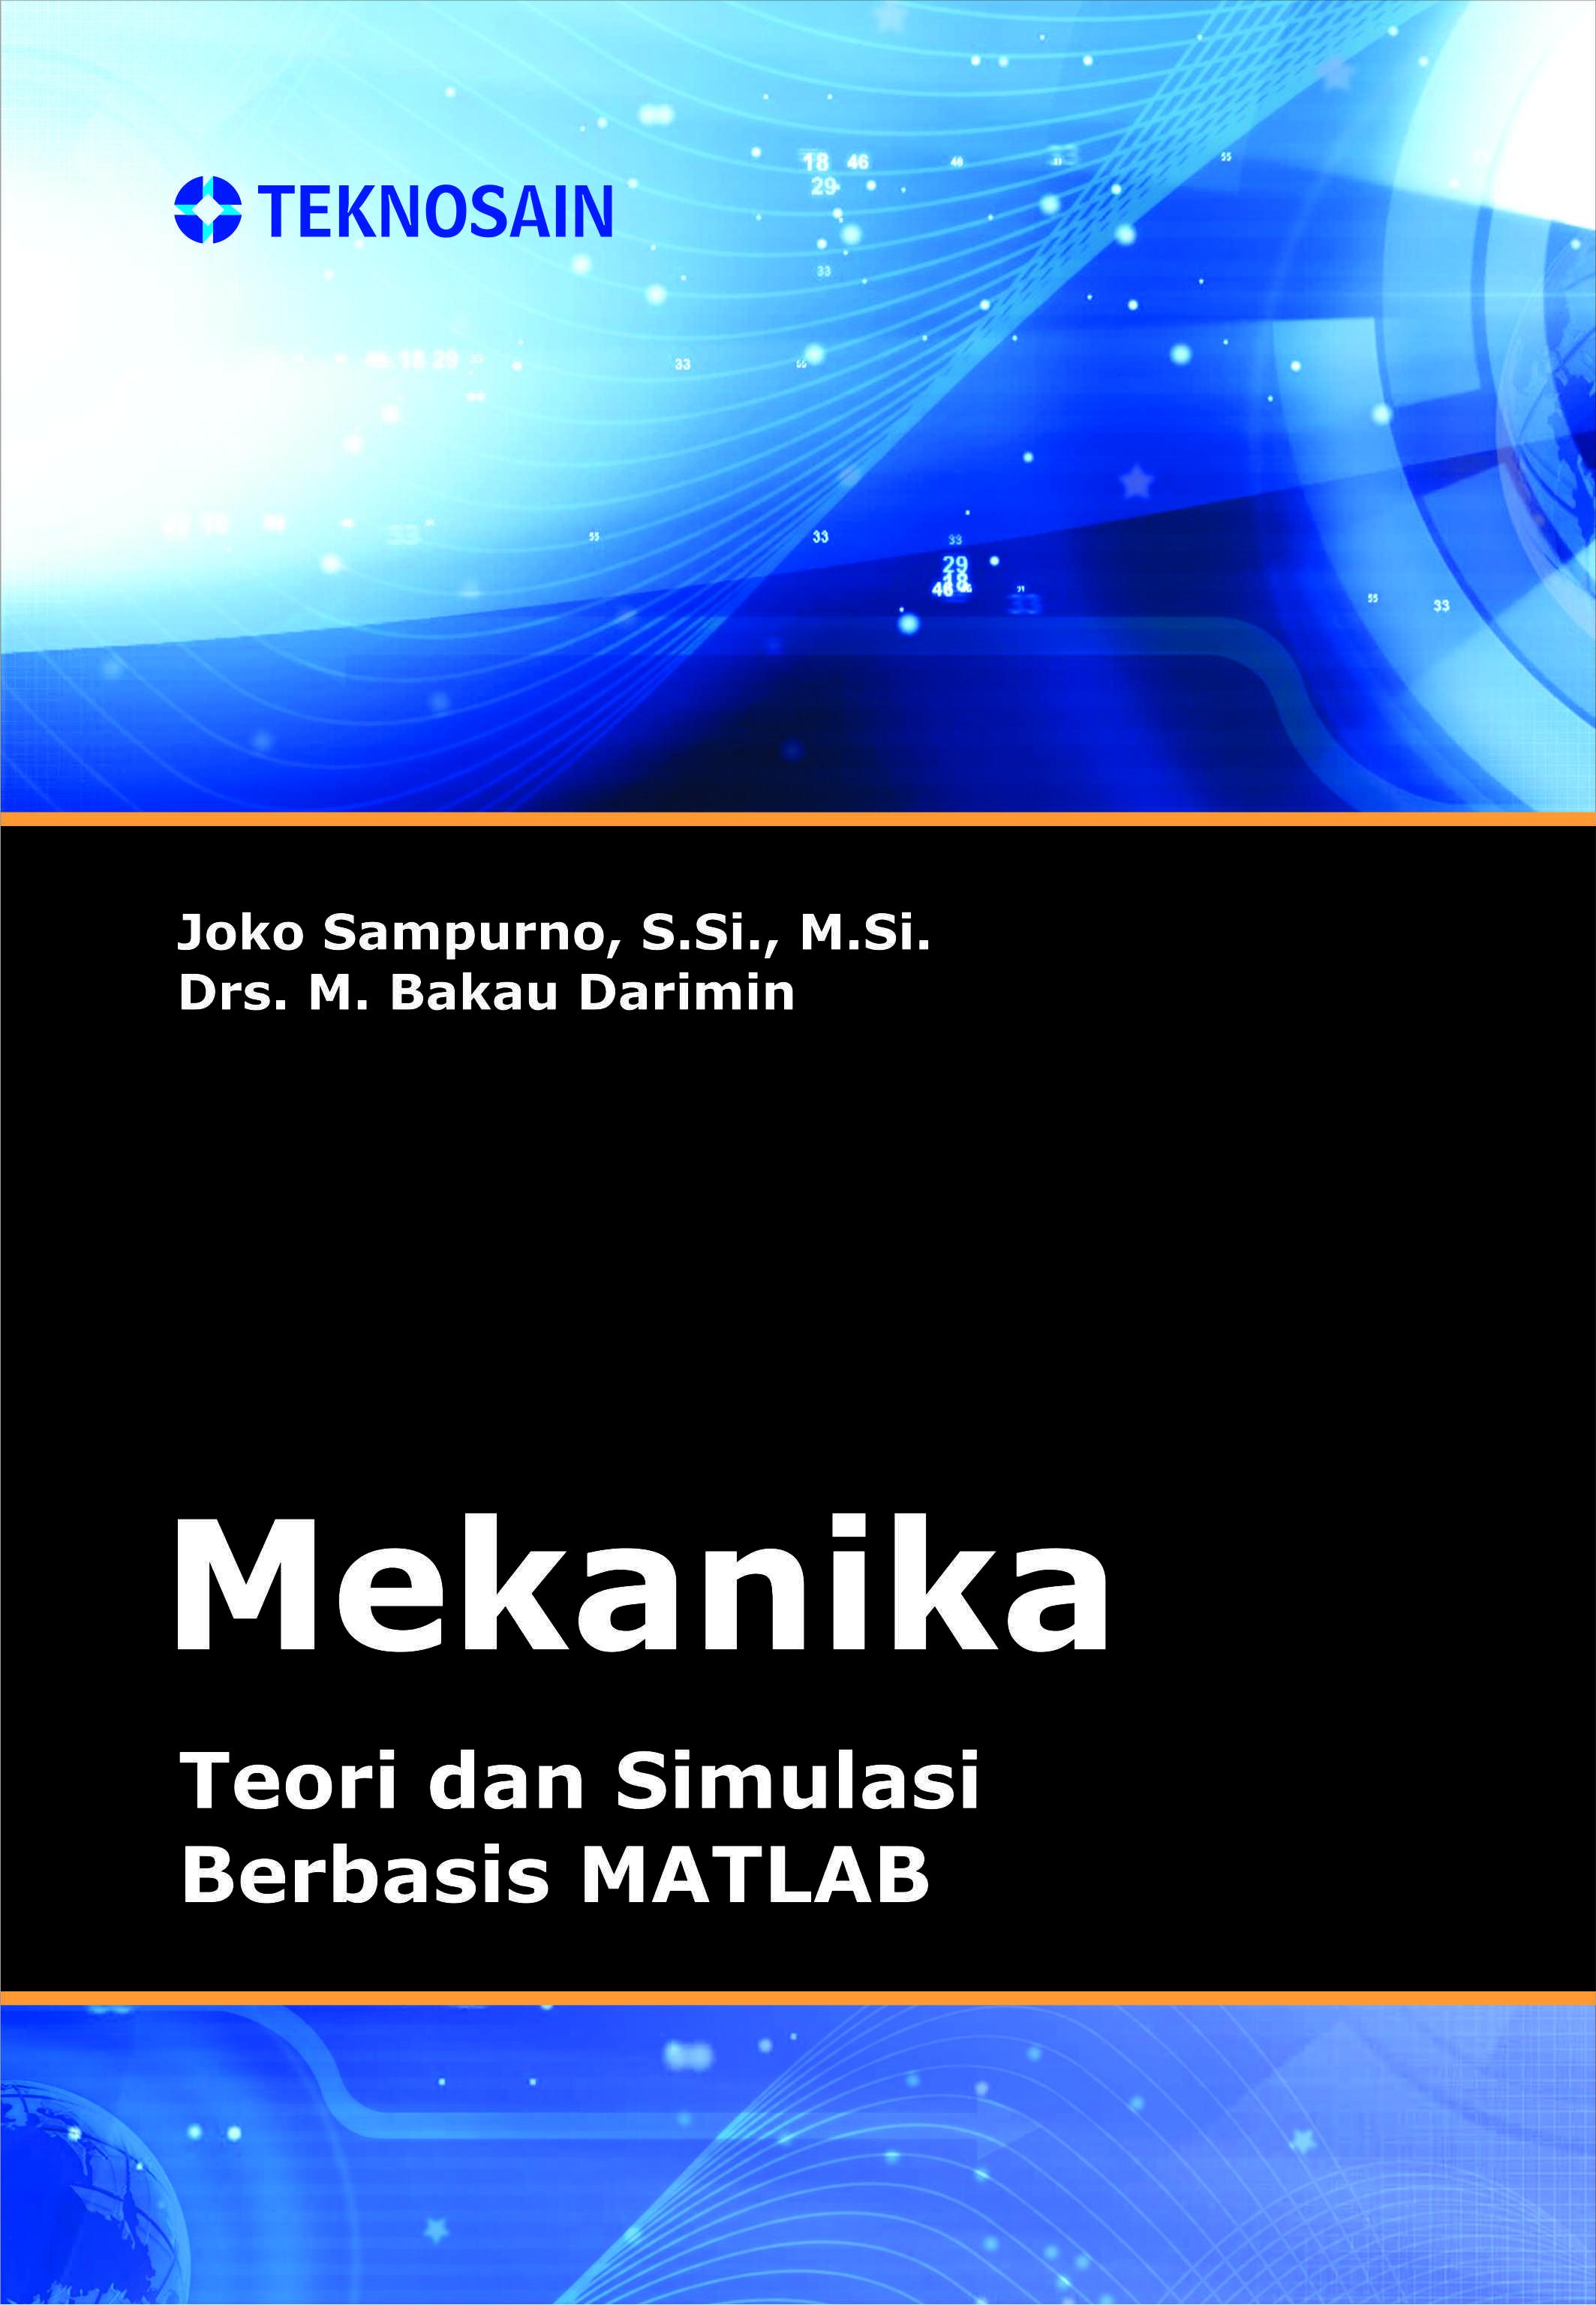 MEKANIKA; Teori dan Simulasi Berbasis MATLAB